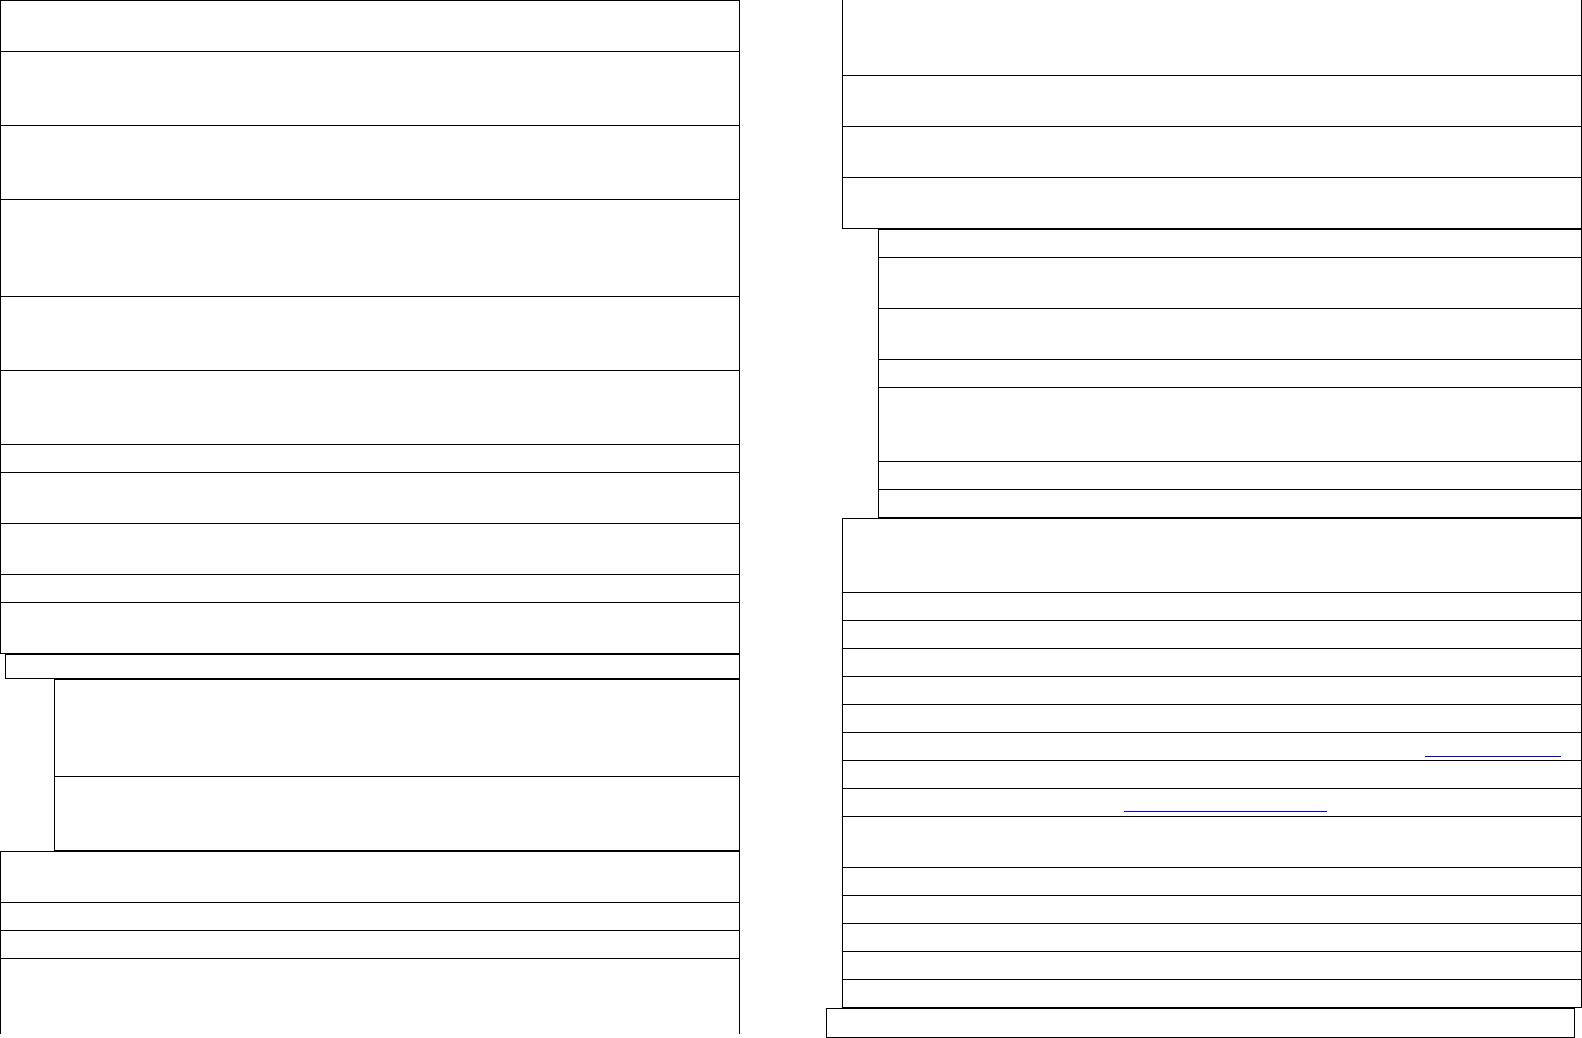 Handleiding Cointra Thermex Stream (pagina 4 van 5) (Deutsch)